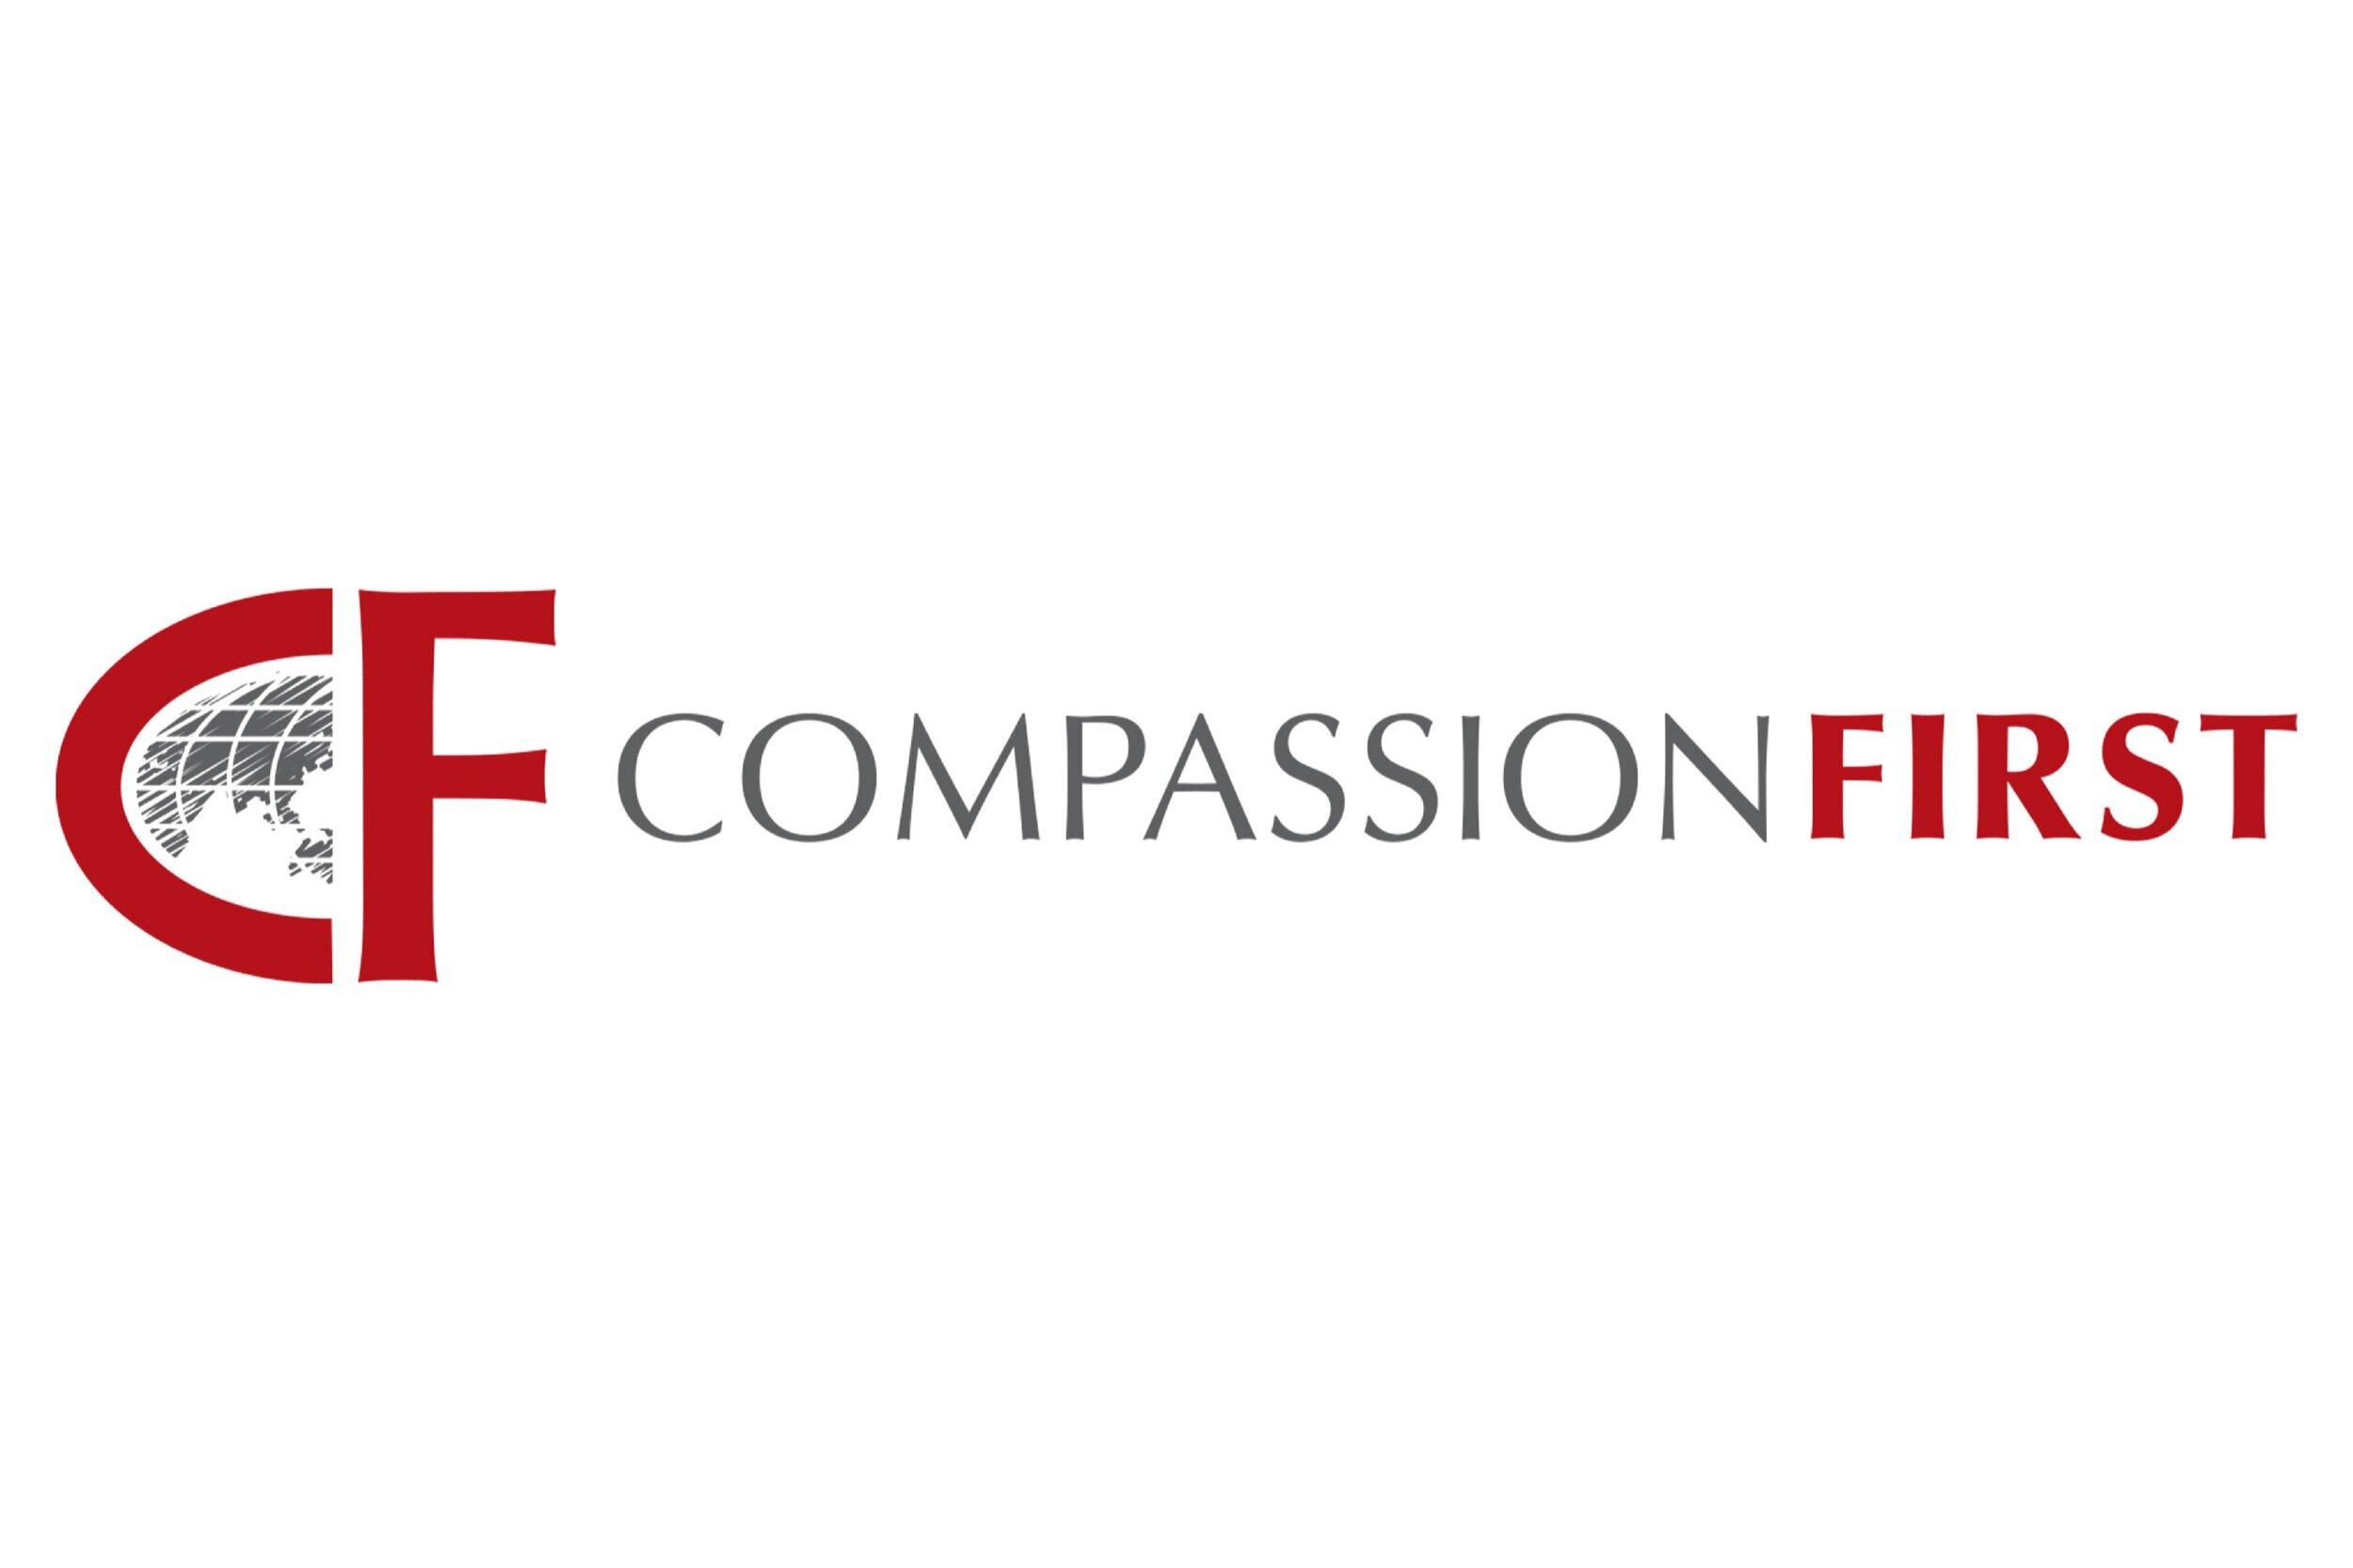 compassiojn.jpg